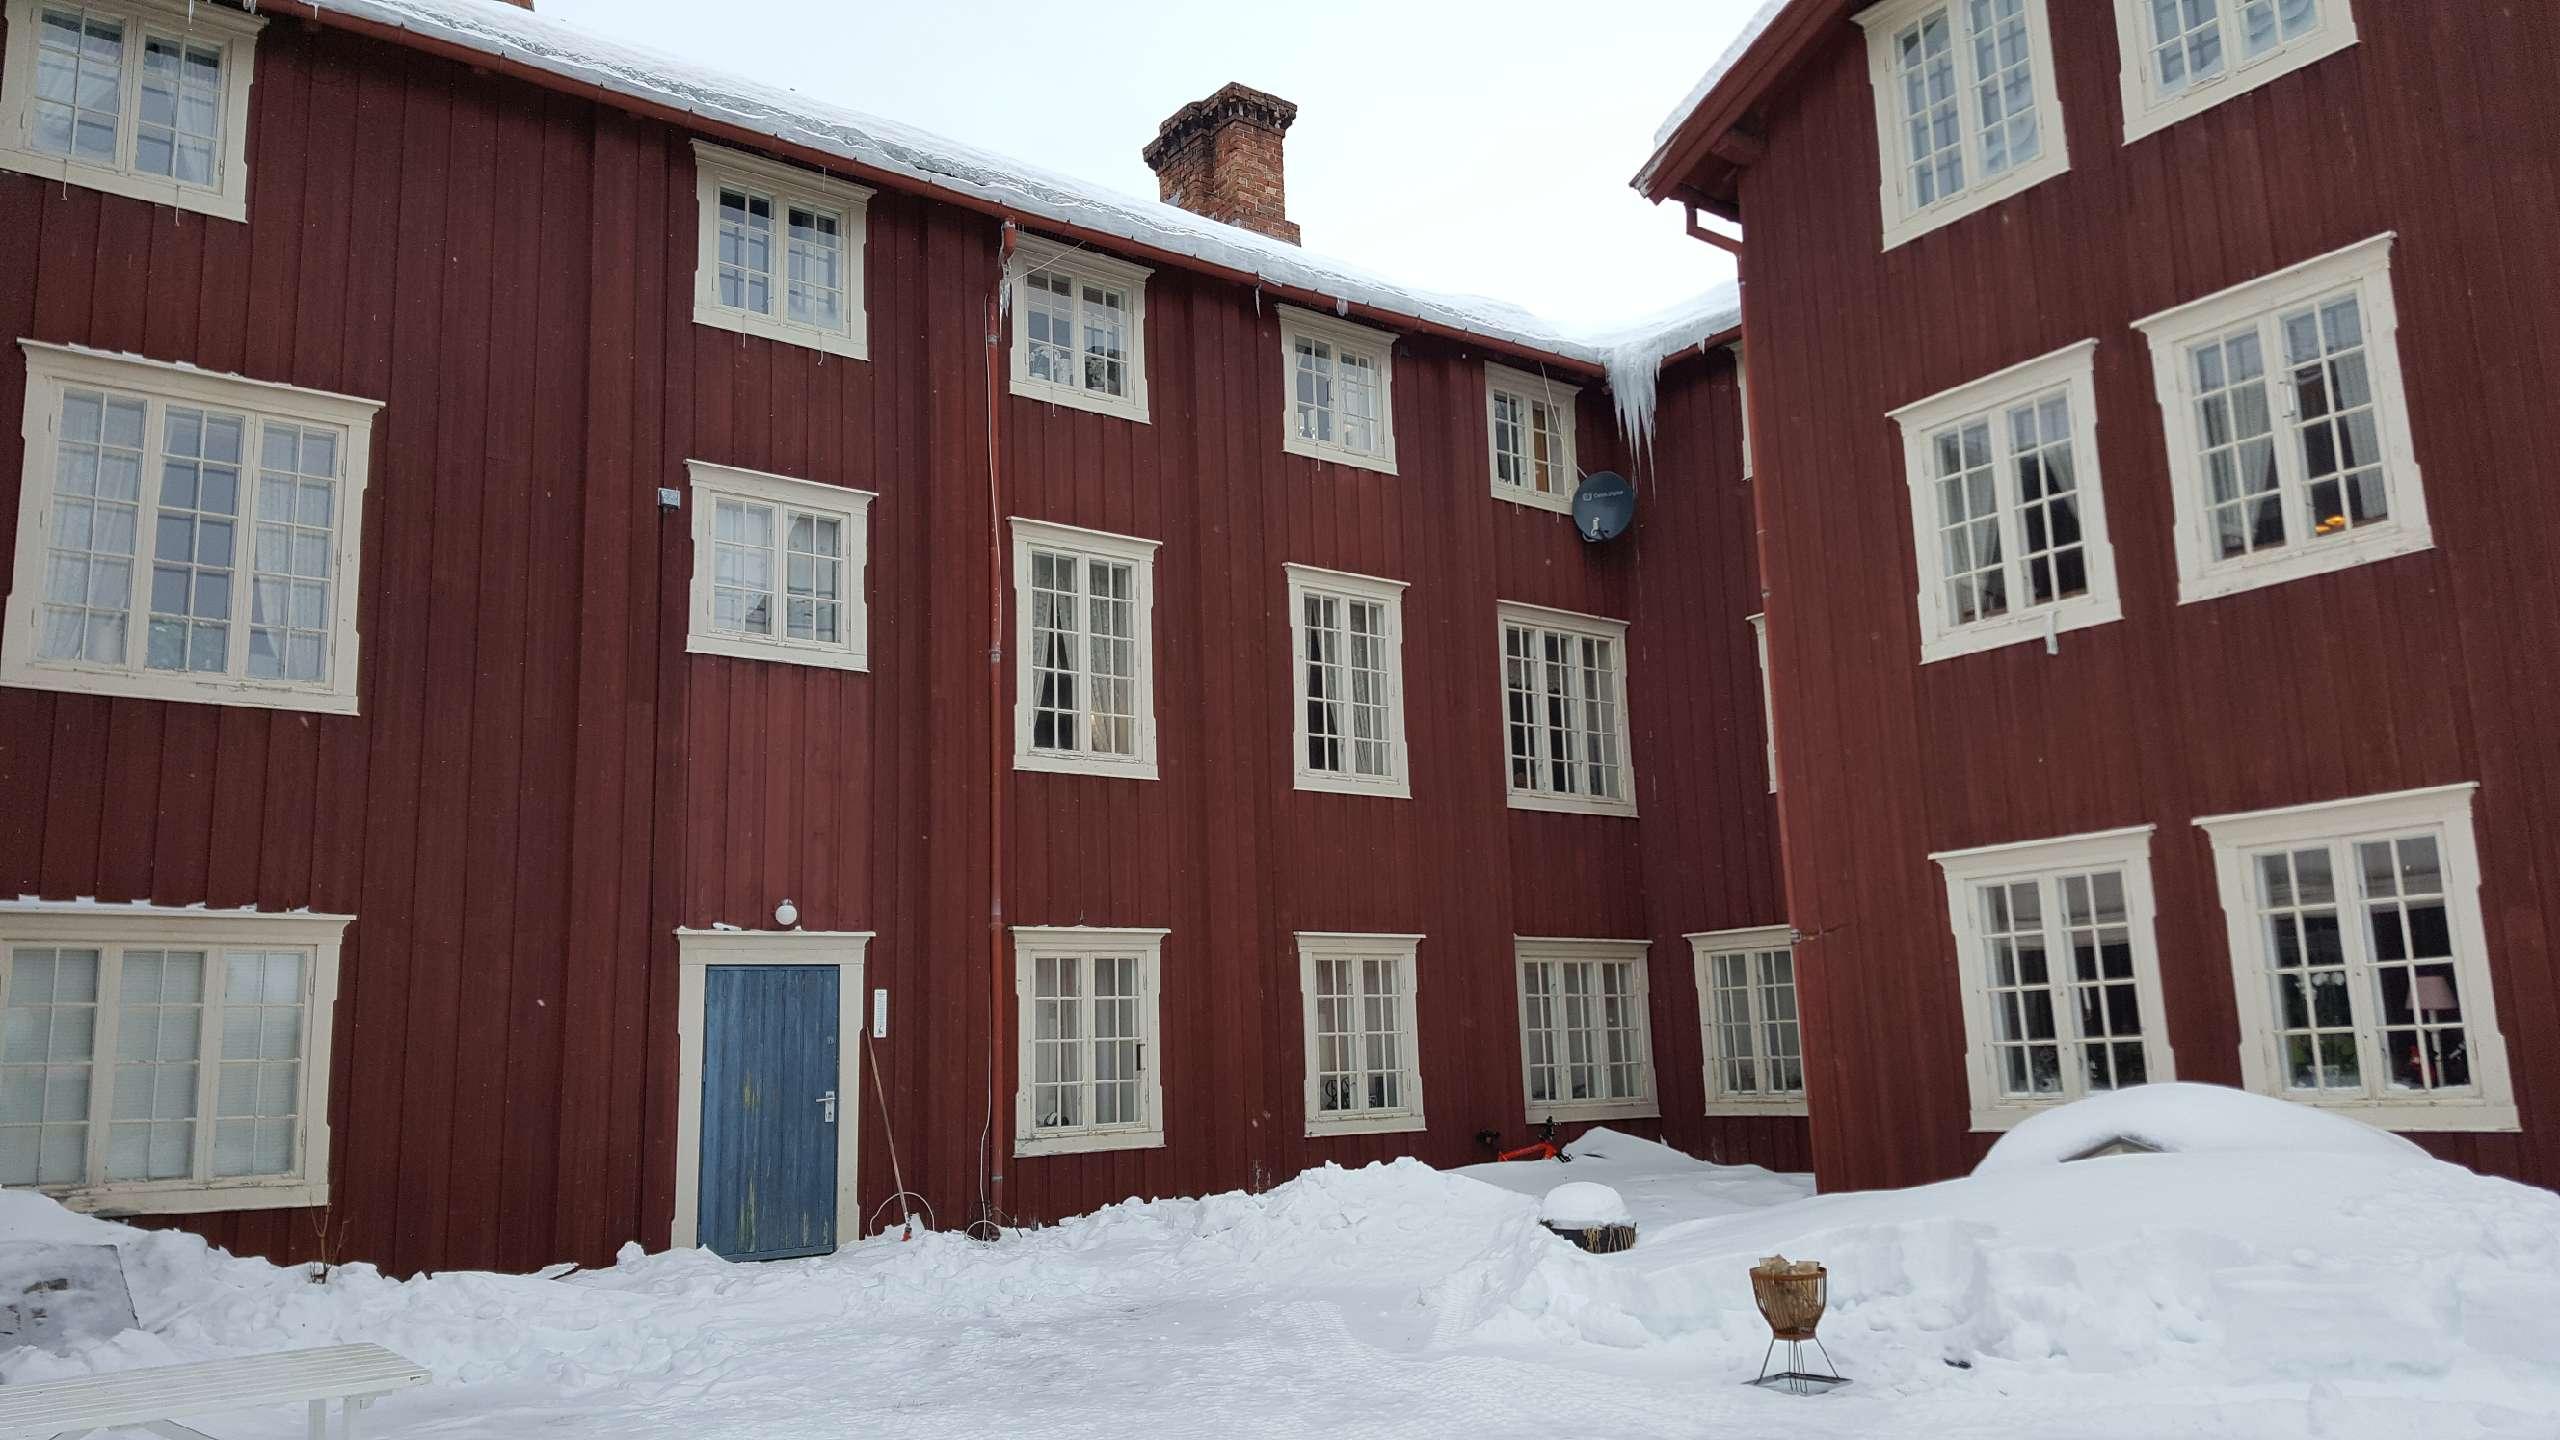 Bilde av Gårdsrommet på Finnegården. Foto er tatt av Ingrid Melgård, Riksantikvaren